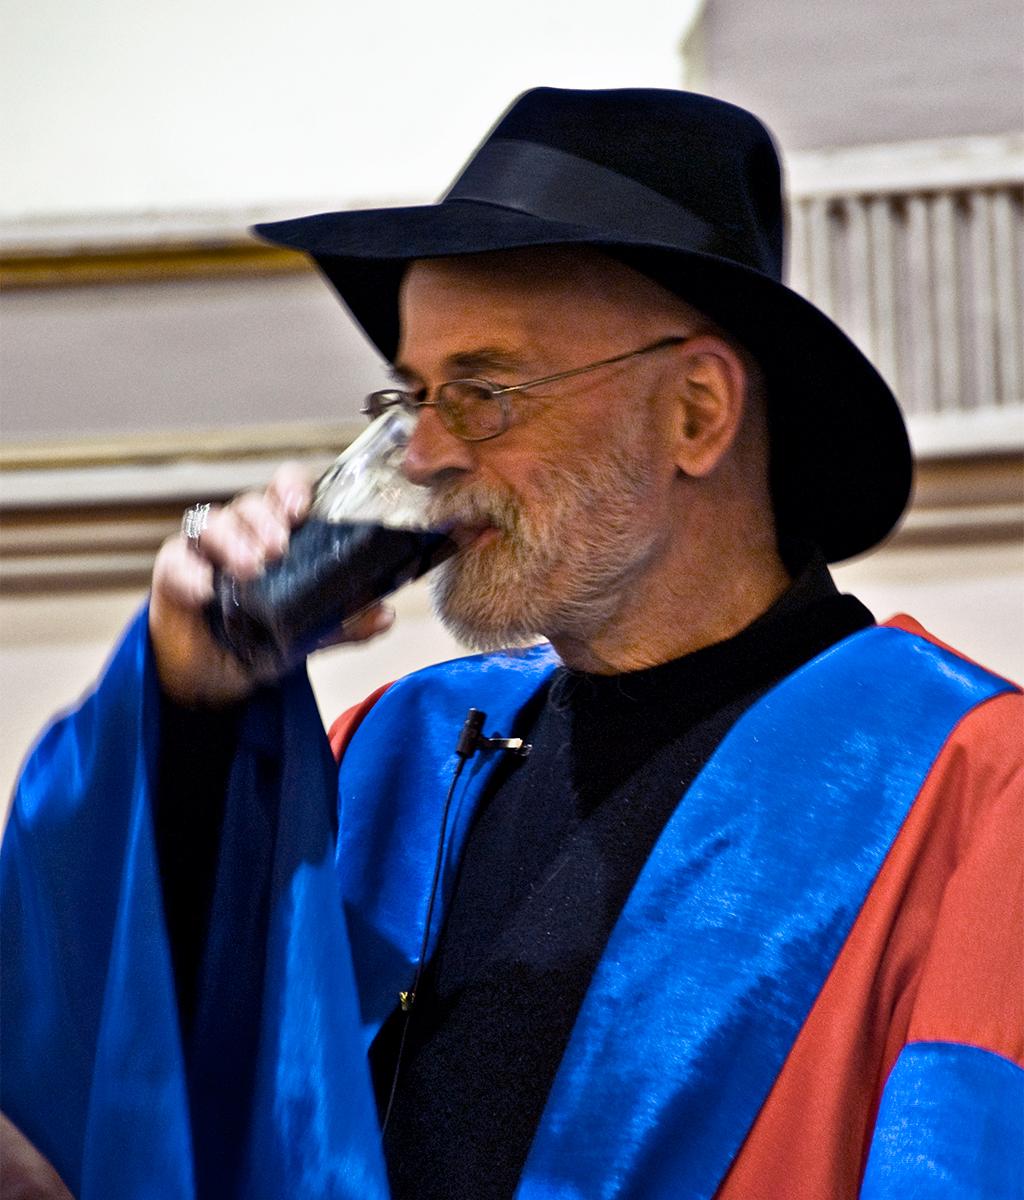 Terry Pratchett pijący Guinnessa, wkrótce pootrzymaniu tytułu doktora honoris causa Uniwersytetu wDublinie. Źródło: wikipedia.org